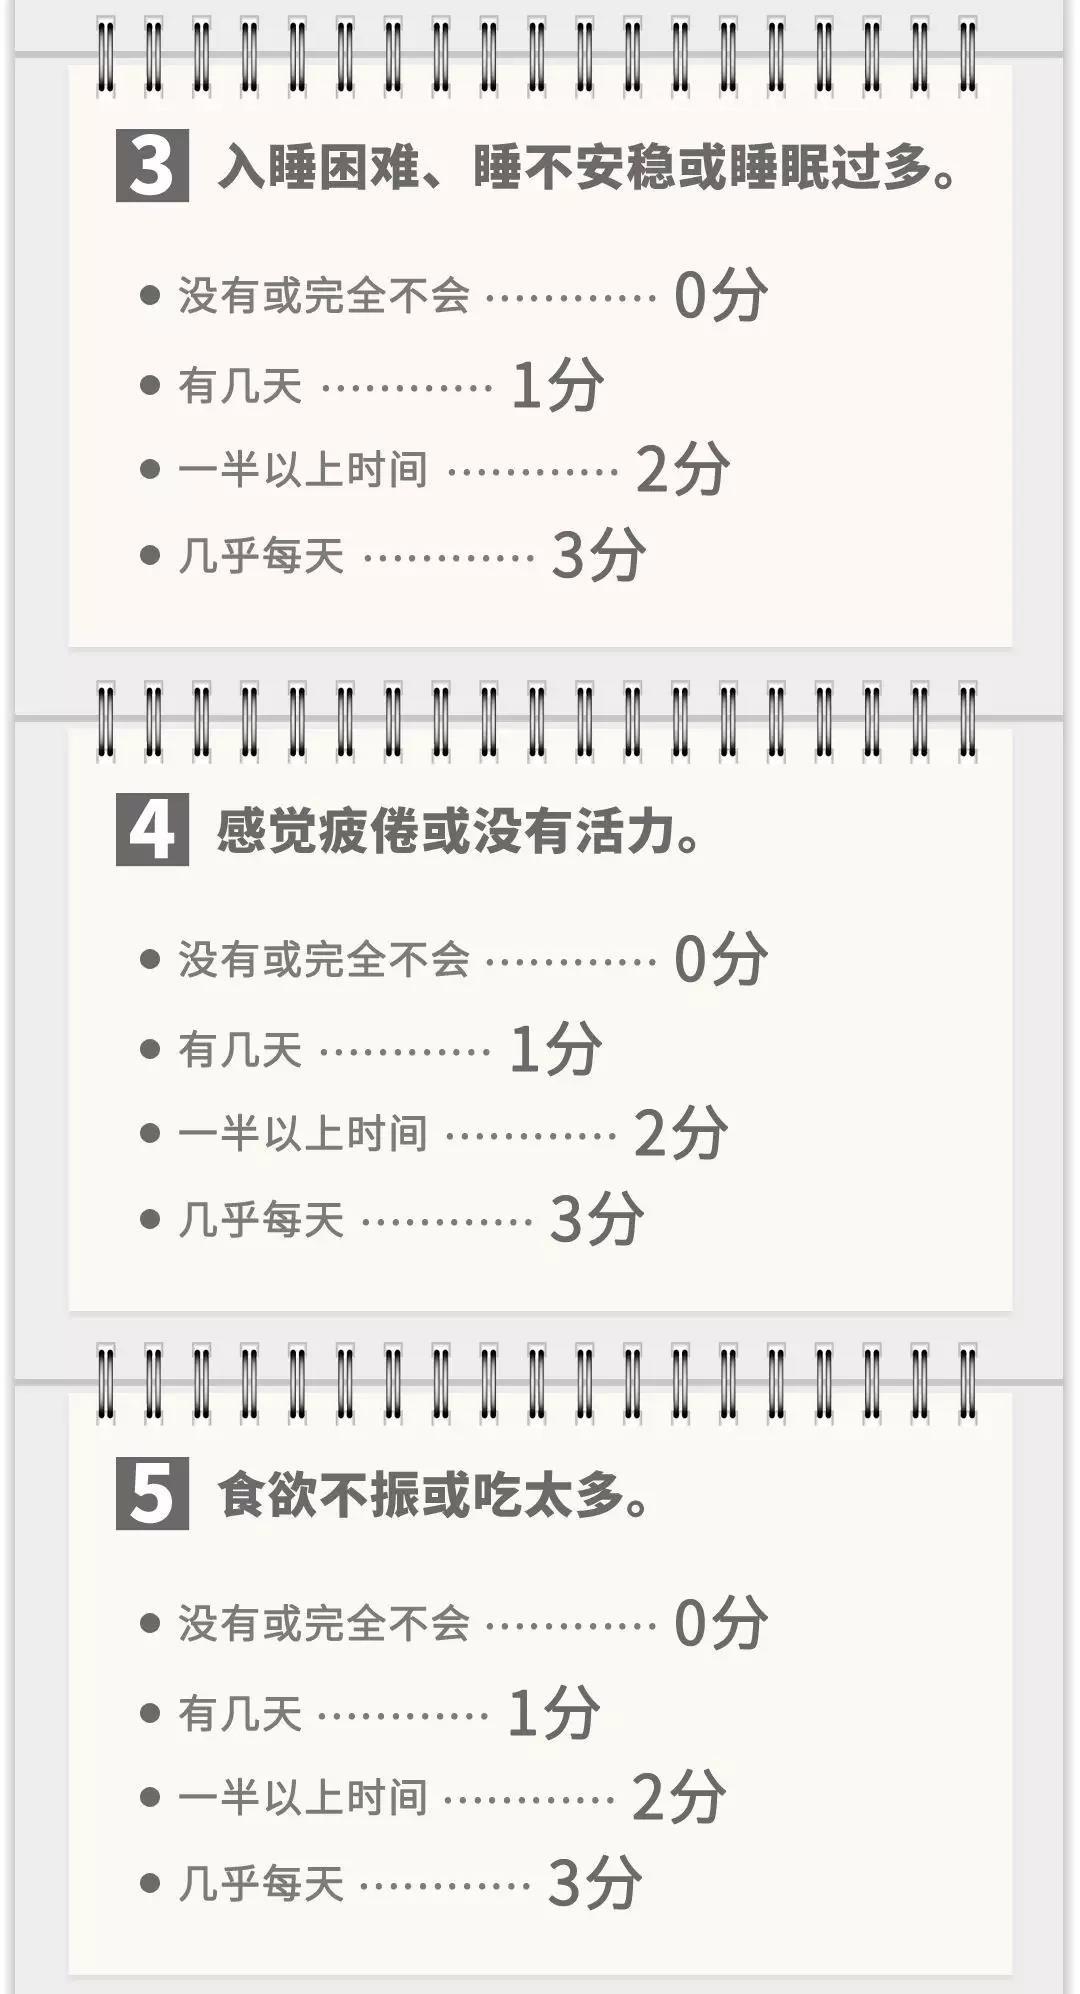 国际标准抑郁症测试题_手机搜狐网